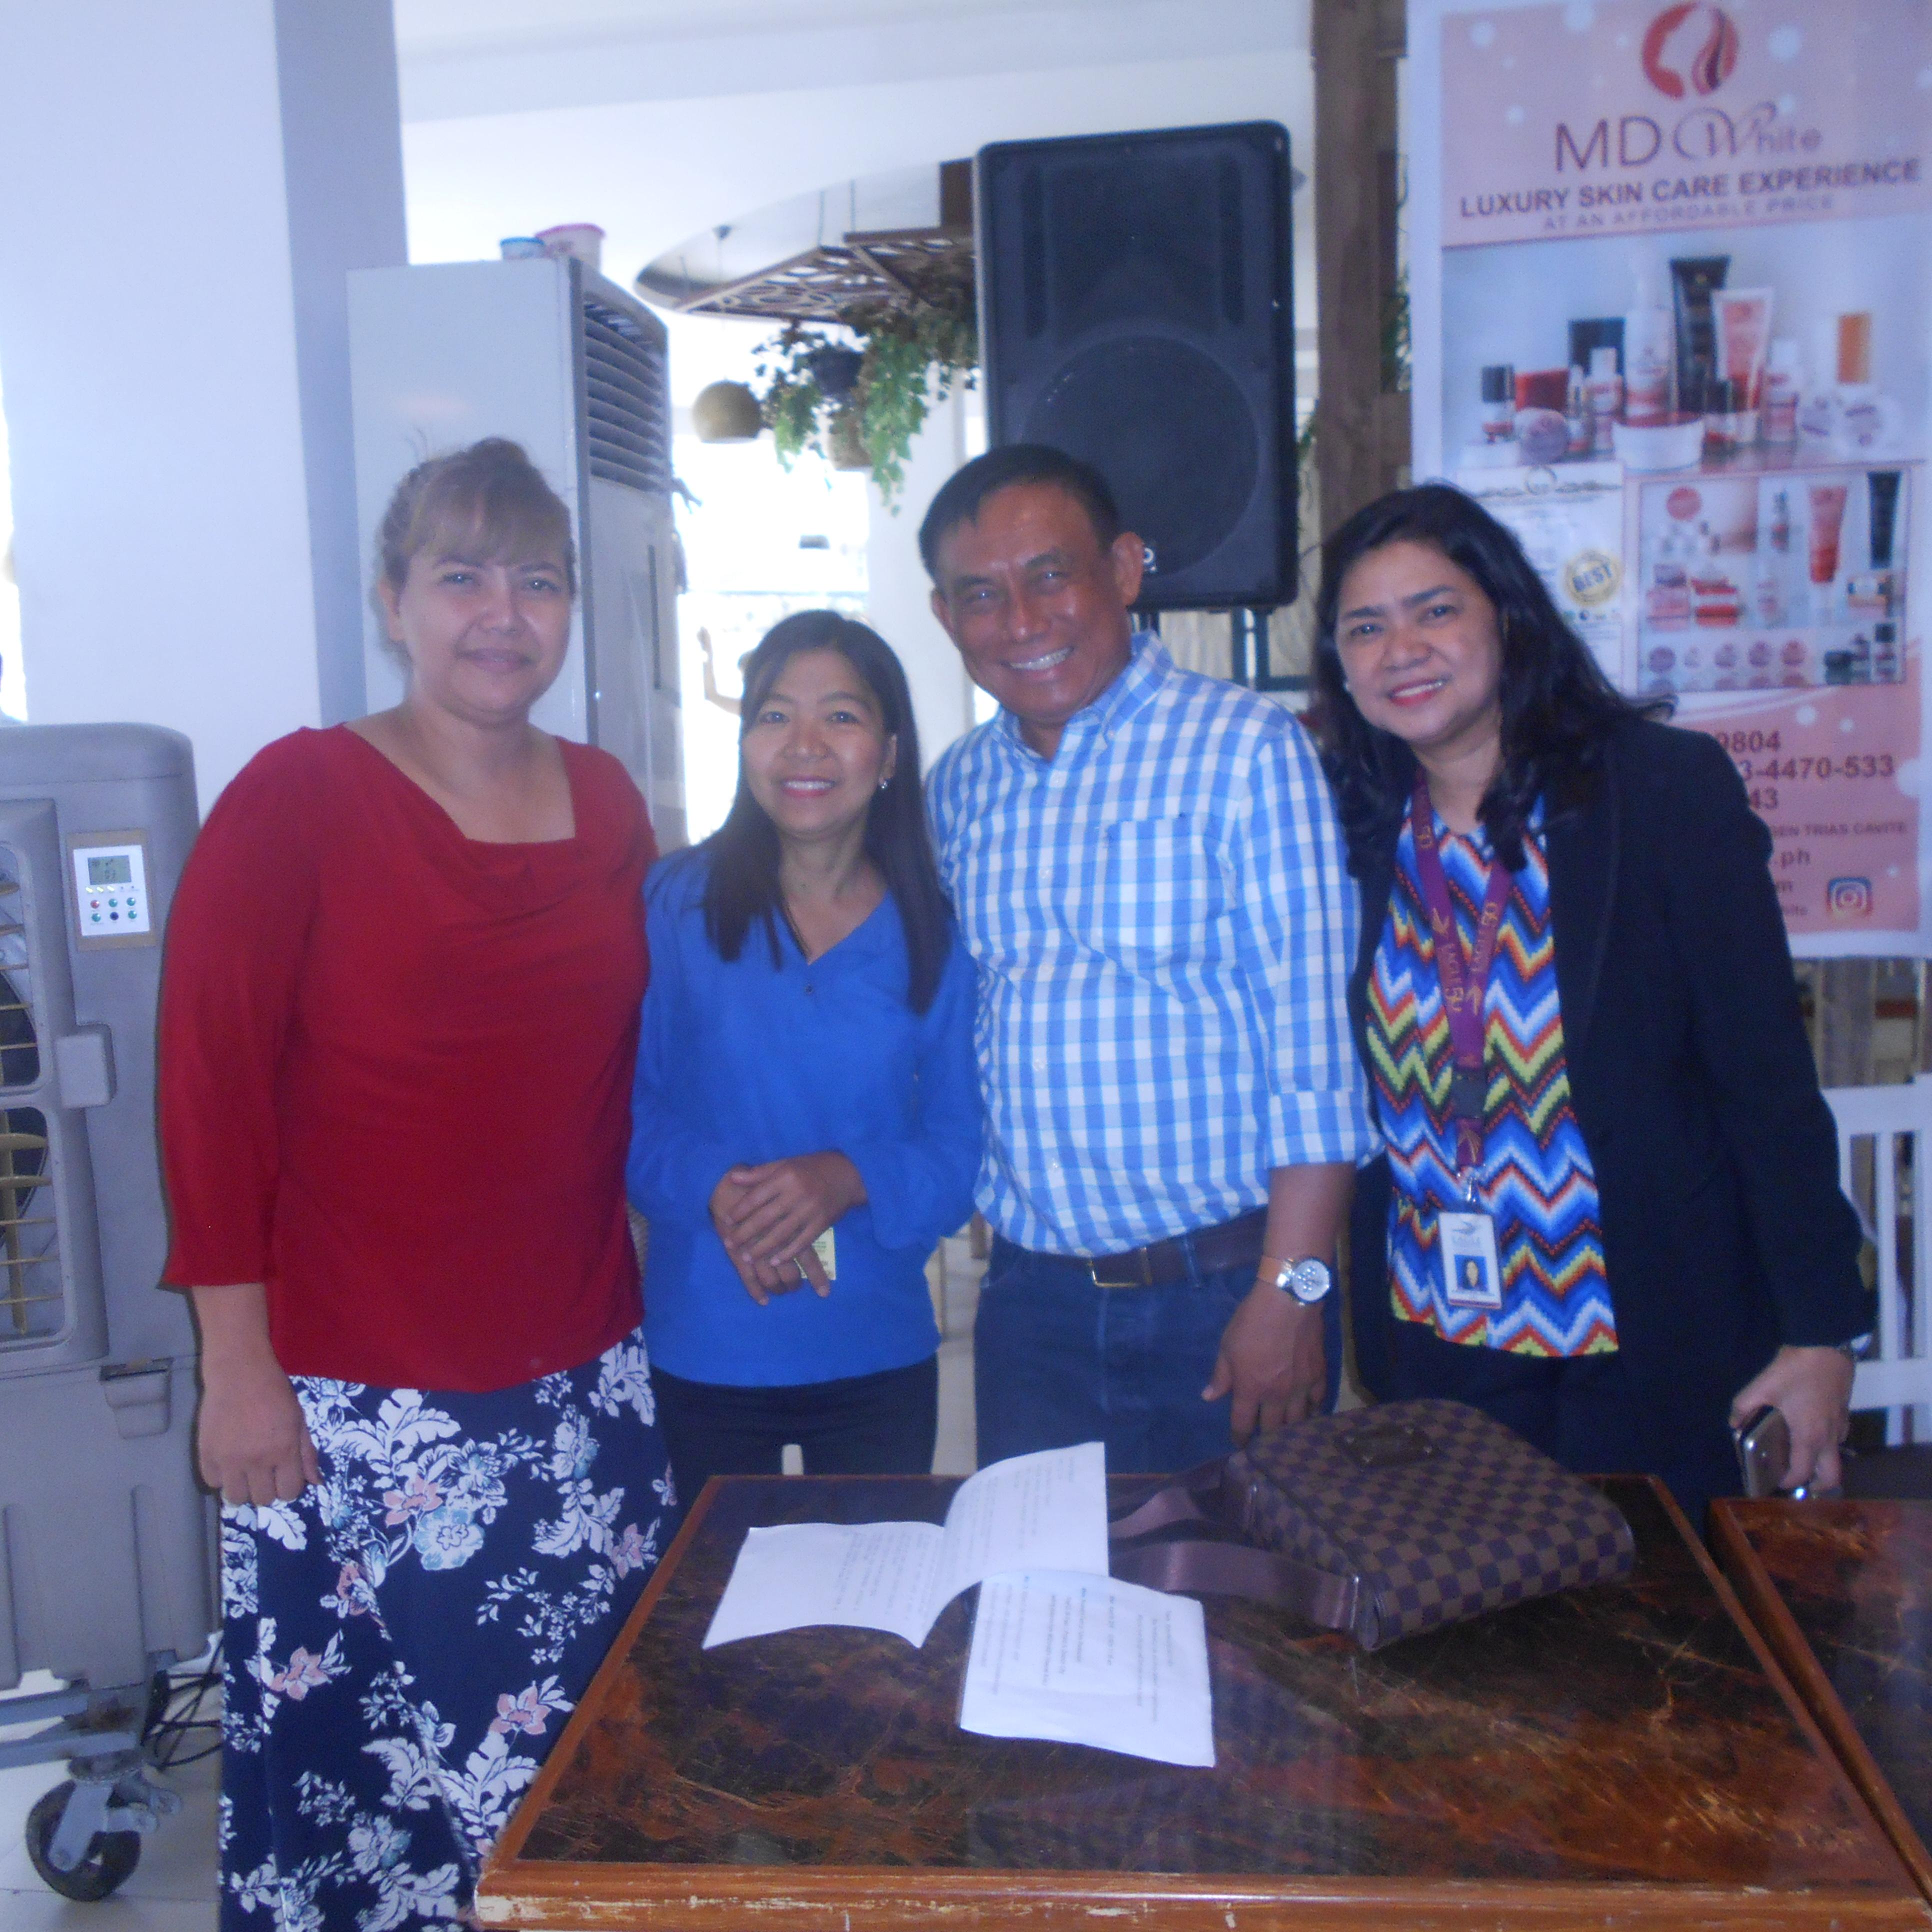 PHOTO Dr. Jun Soriano, Melody Aguiba, Belle Surara, and Ms. Juvy